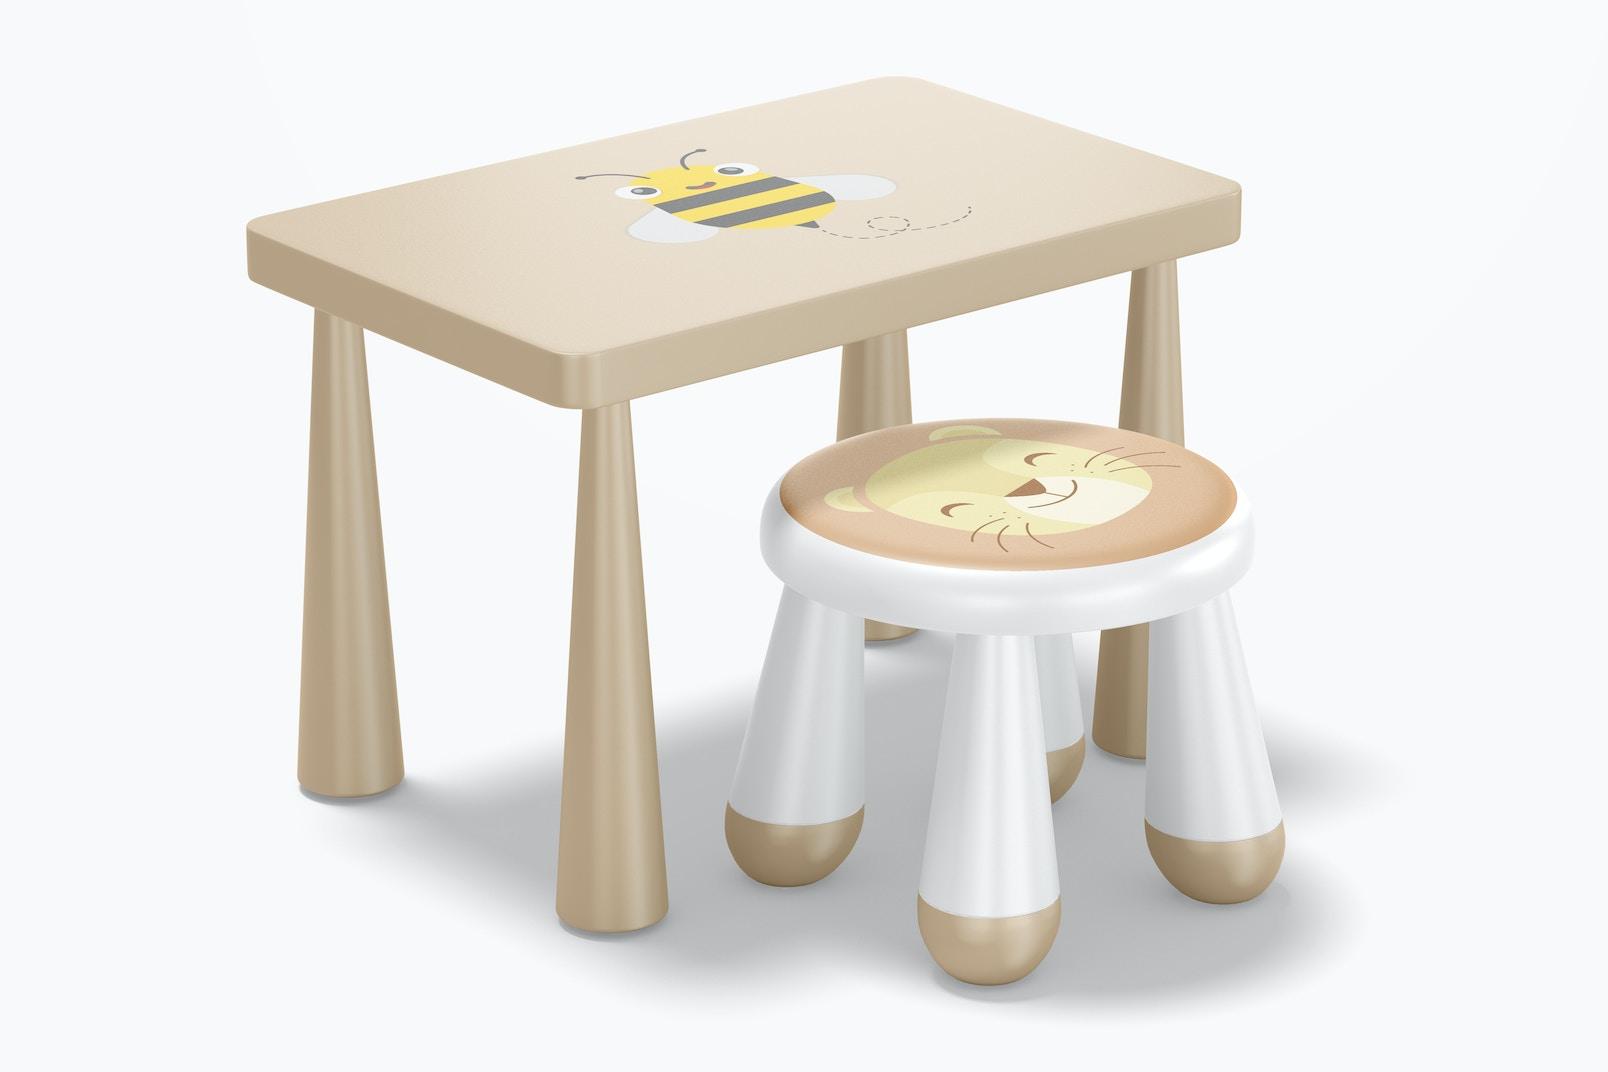 Kids Plastic Stool with Table Mockup